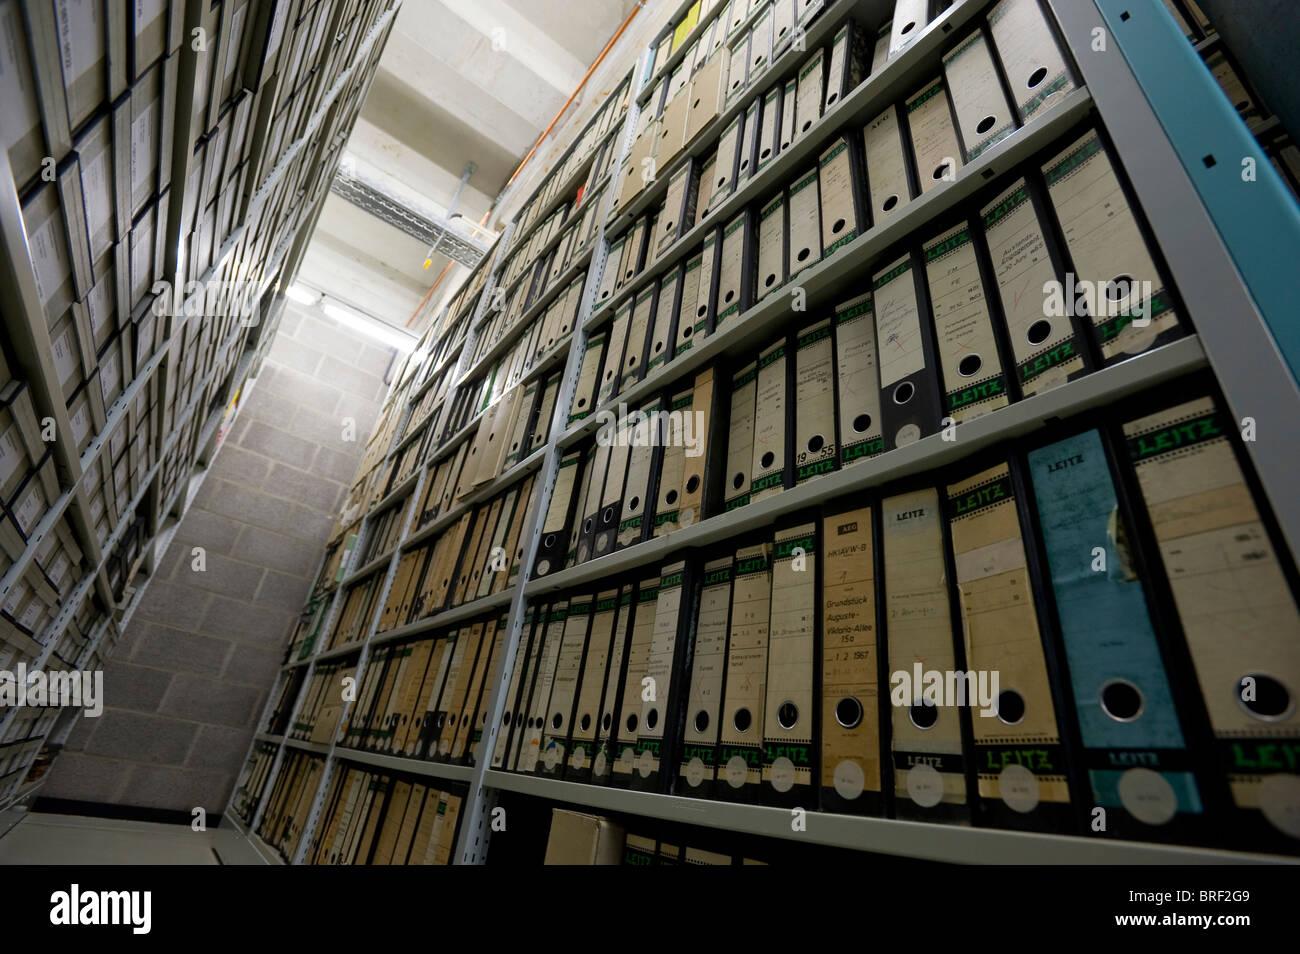 Archivo de la Deutsches Technikmuseum, el Museo Alemán de Tecnología, Berlín, Alemania, Europa Imagen De Stock